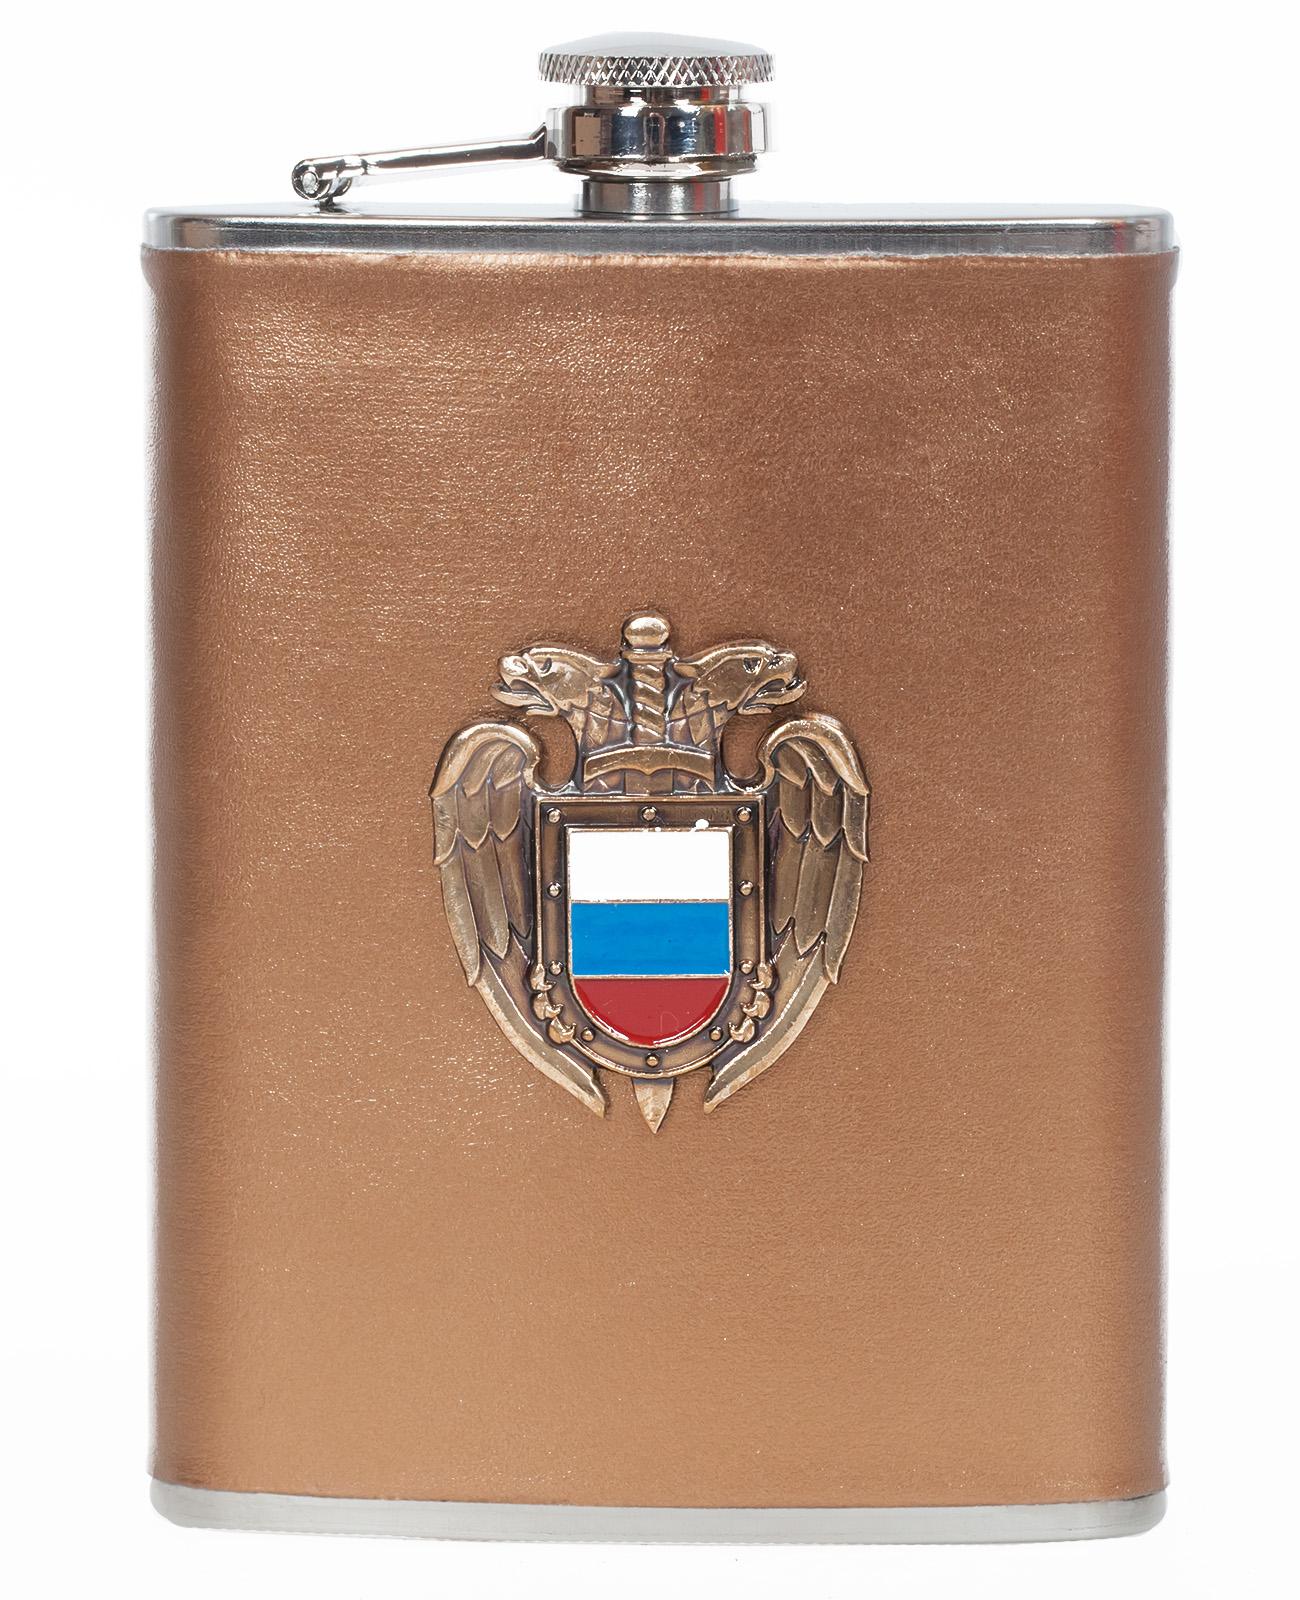 Карманная фляжка с жетоном ФСО России (обтянутая кожей)